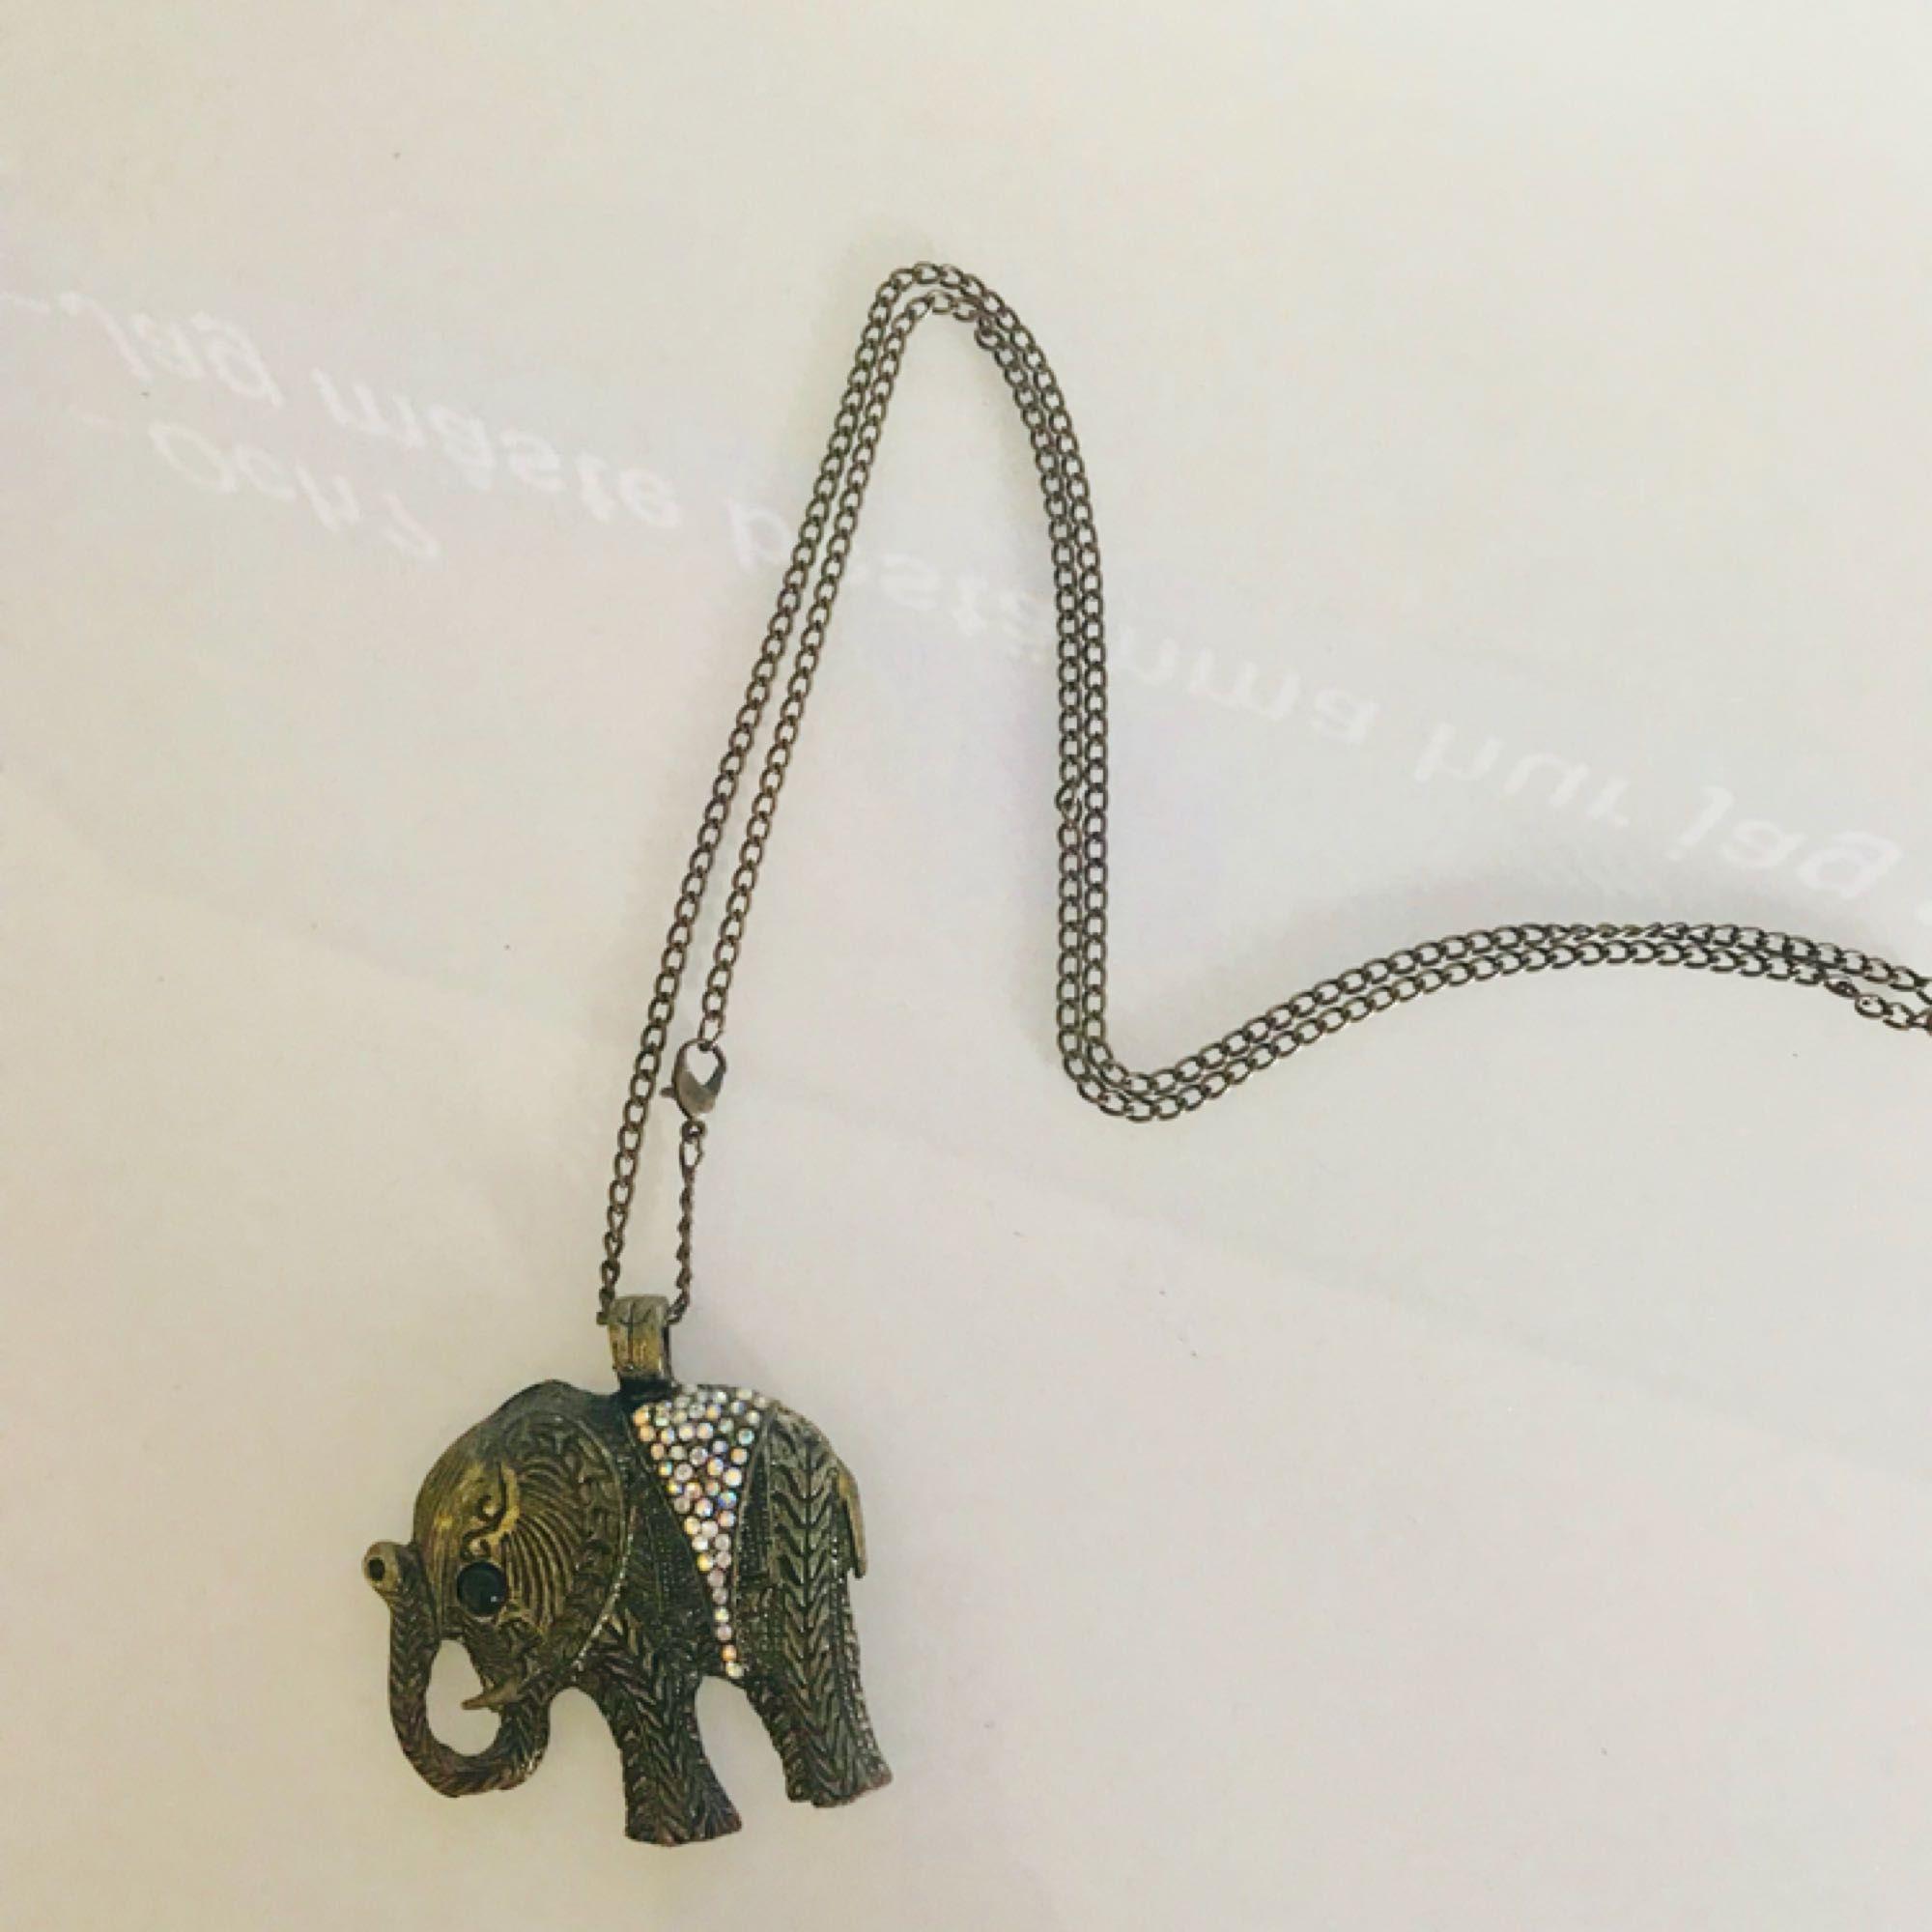 Halsband med elefant, minns tyvärr inte vart den är ifrån. Frakt ingår i priset 😊. Accessoarer.